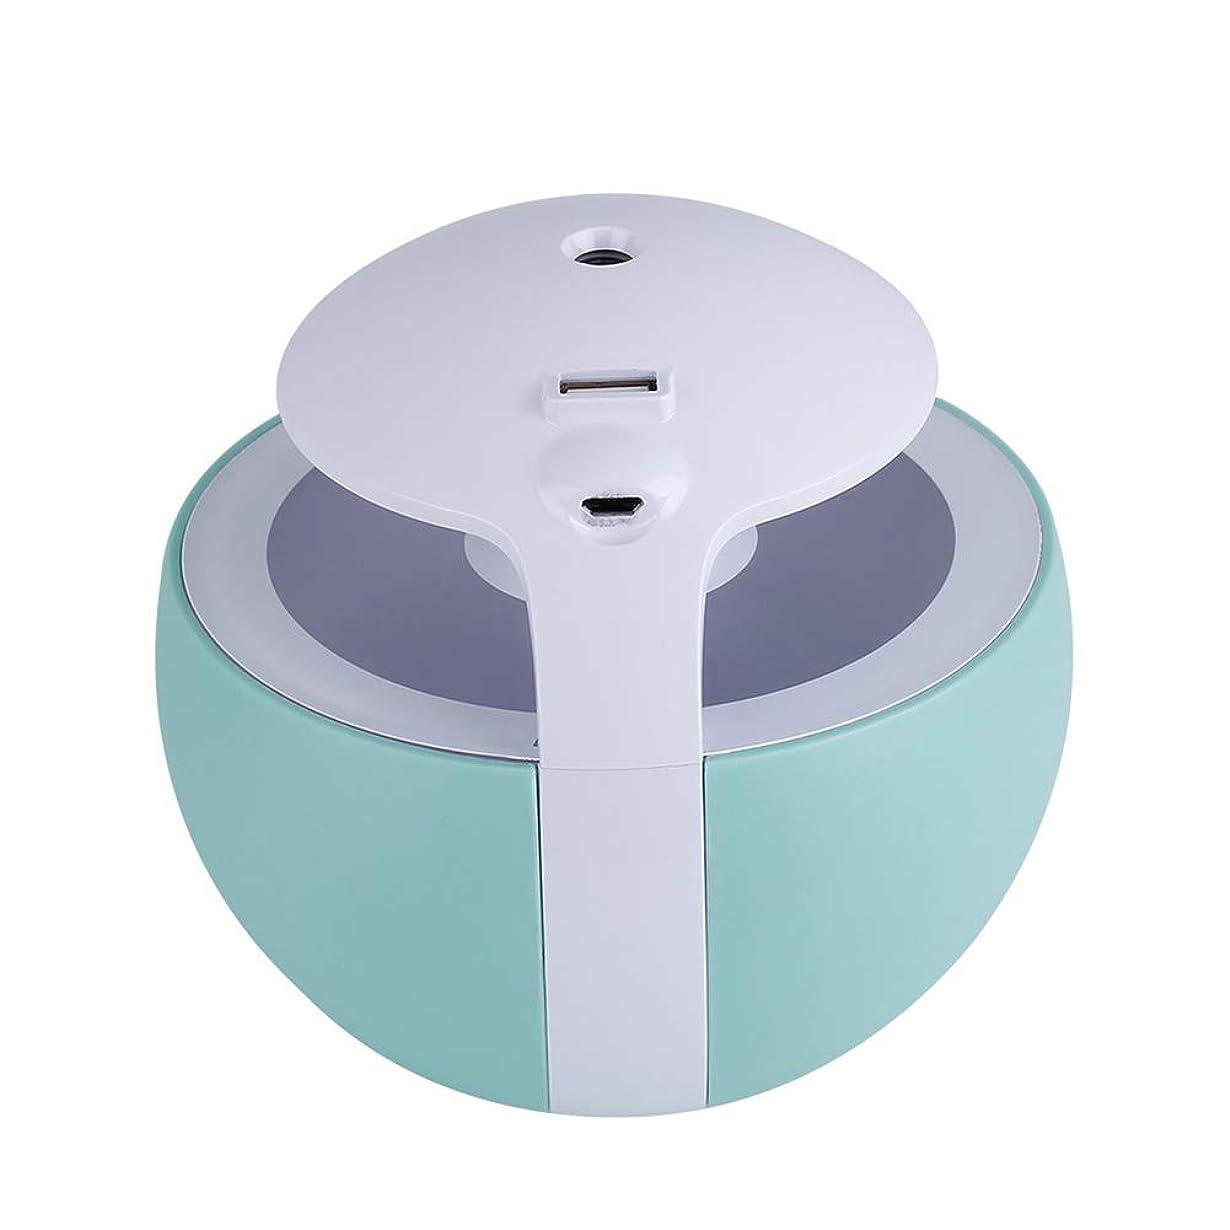 充電独裁者誤解ナイトエルフ加湿器多機能USB小型ライト小型ファンホームデスクトップエアコンルーム加湿,Blue